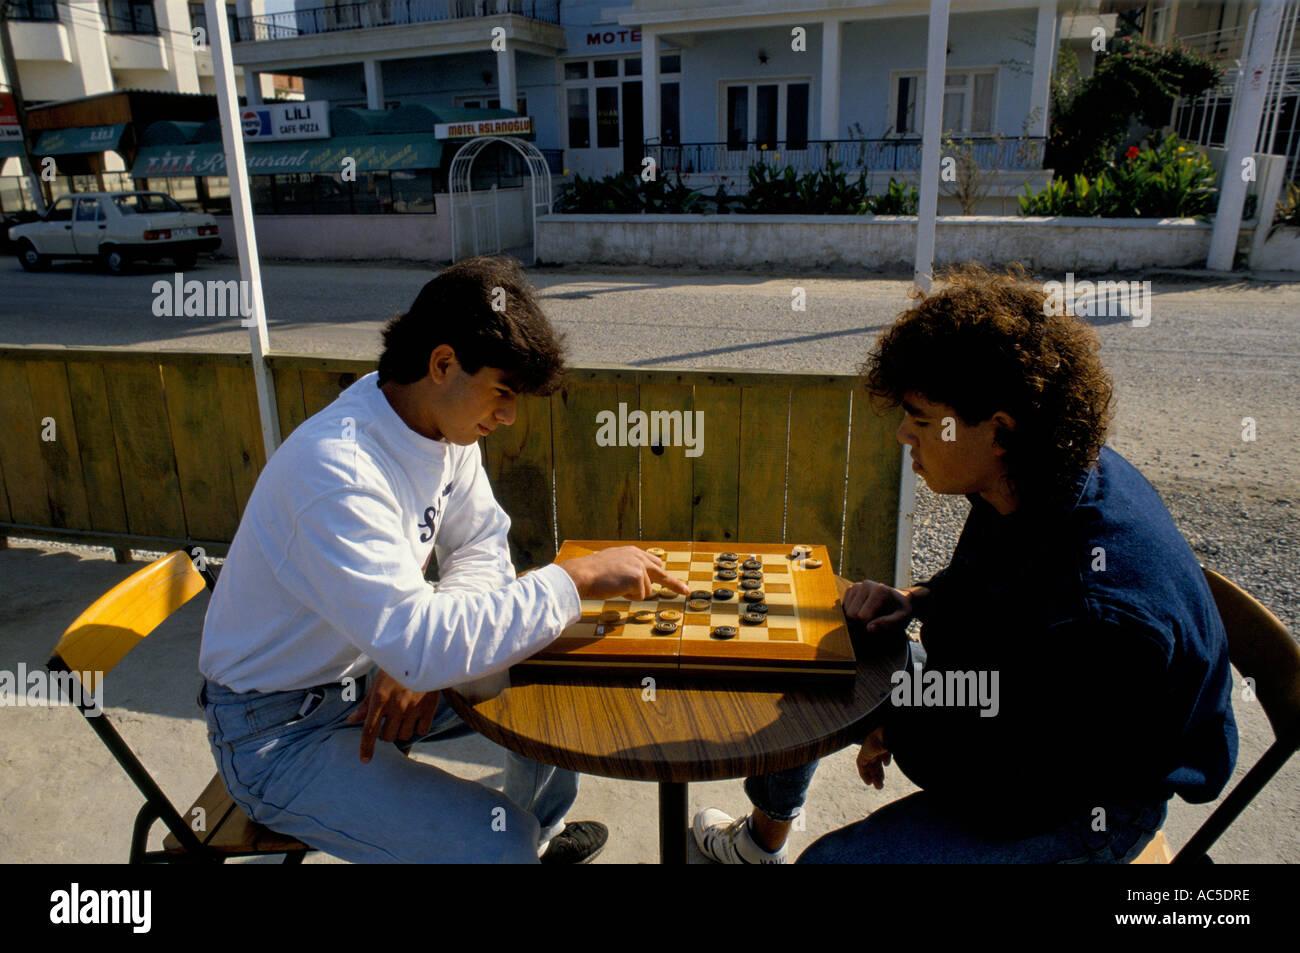 PEOPLE PLAYING TURKISH GAMES SIMILAR TO DRAFTS - Stock Image